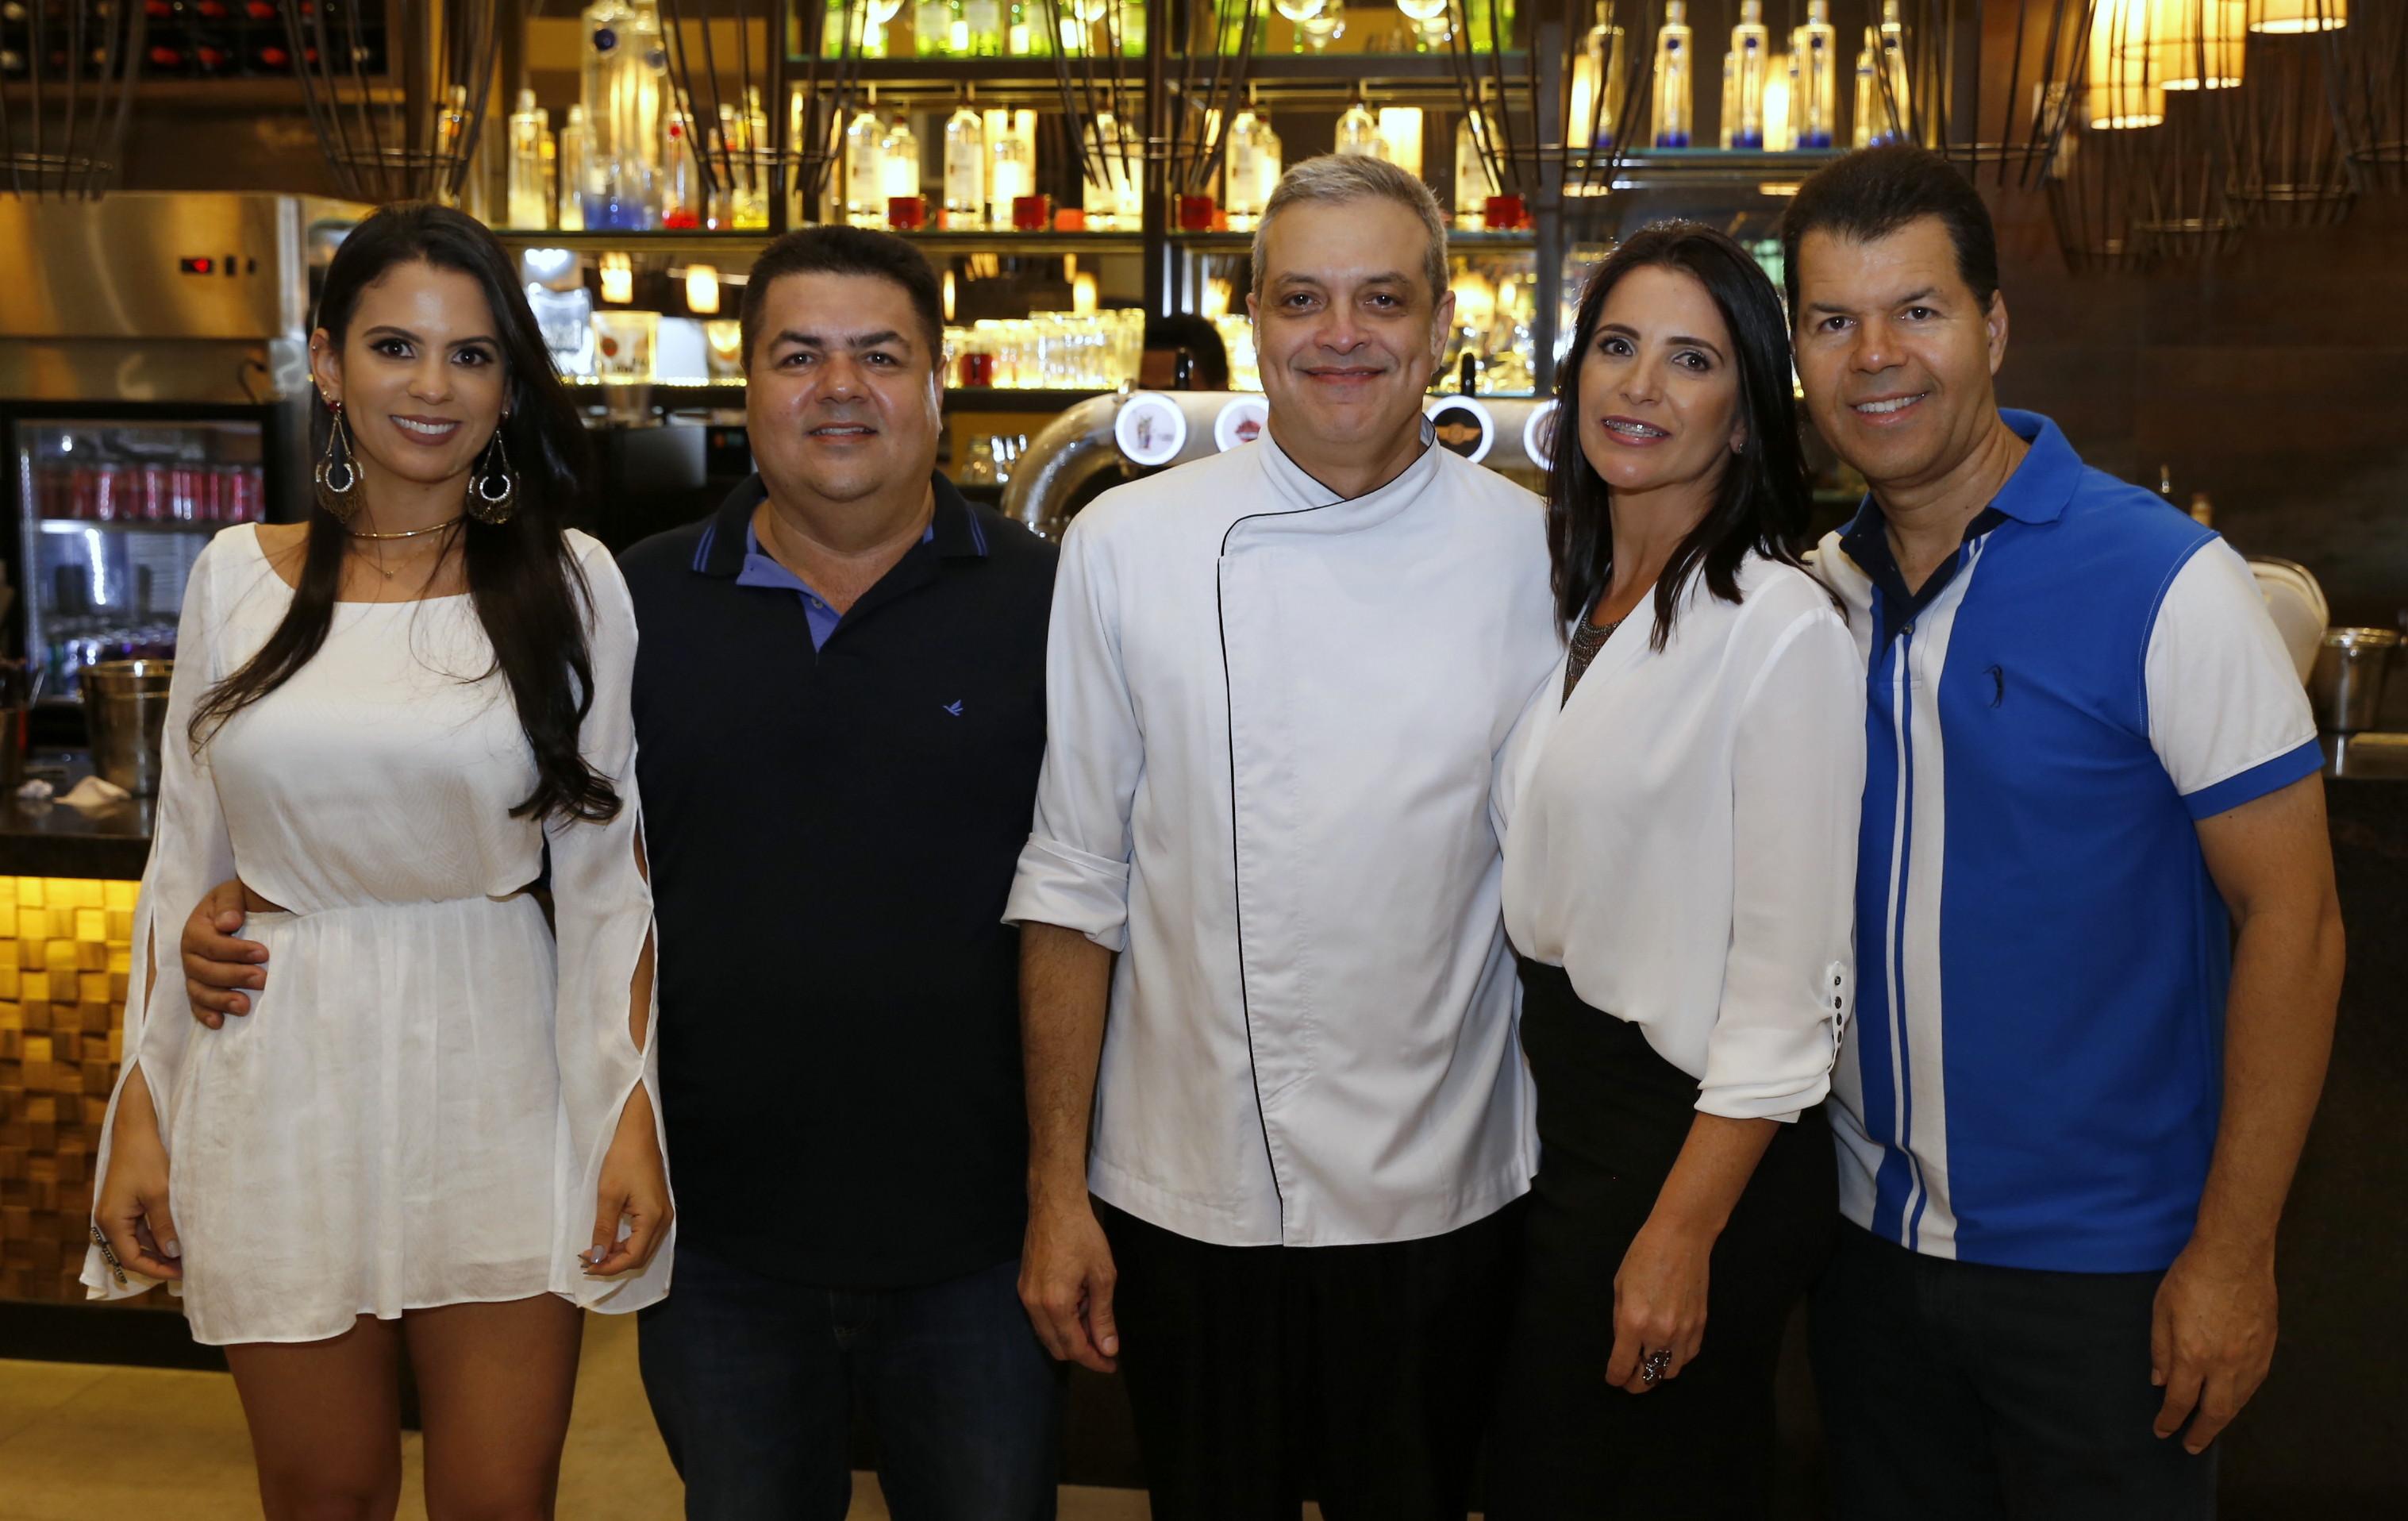 Paloma Matos, Cláudio Ramos, Cláudio Santiago, Gabriela Aguiar, Belmar Ramos - (Edy Fernandes)